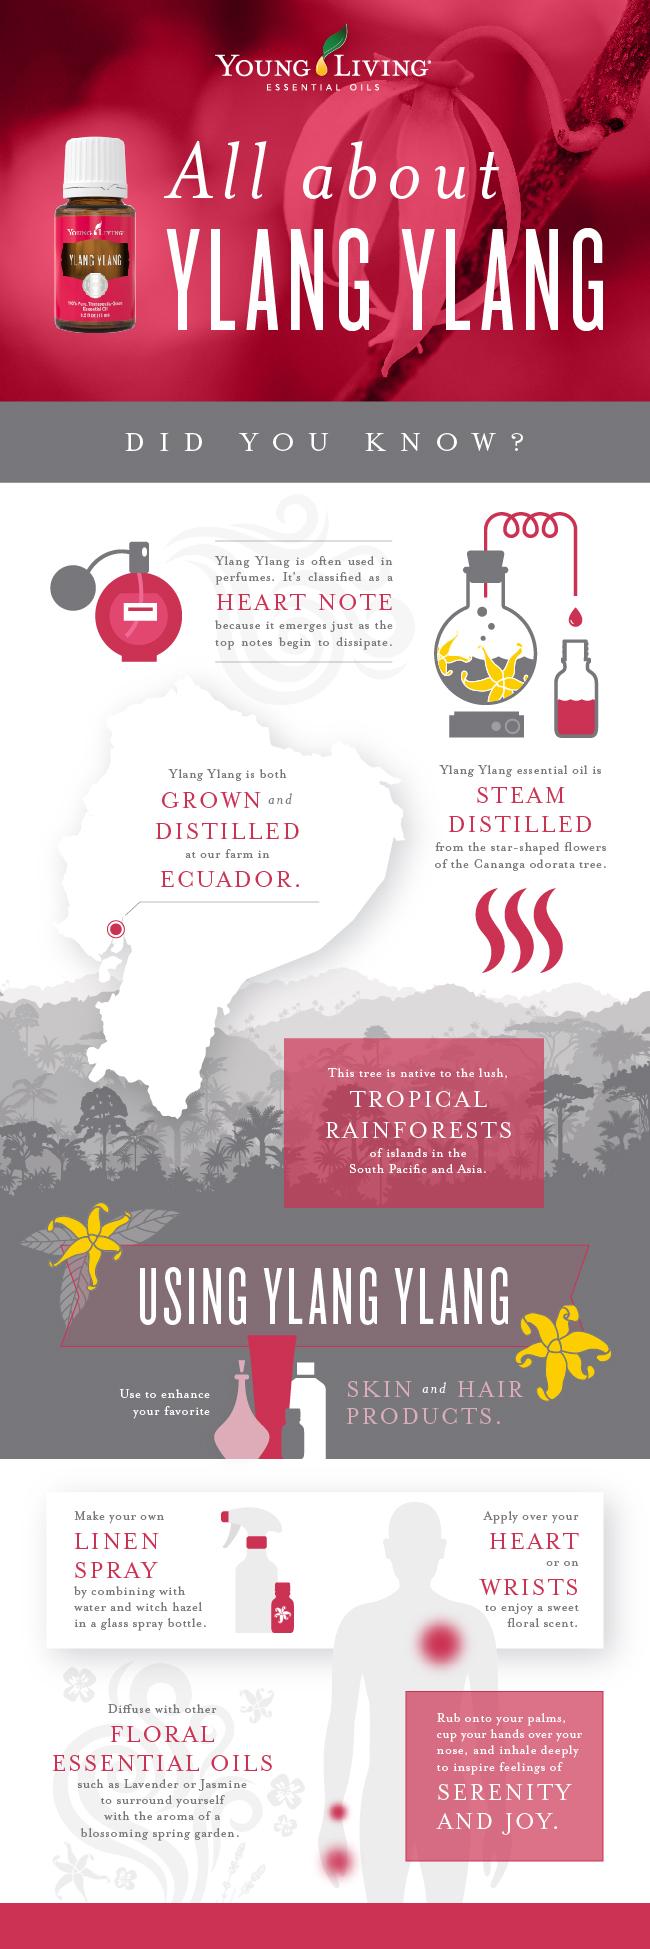 All About Ylang Ylang